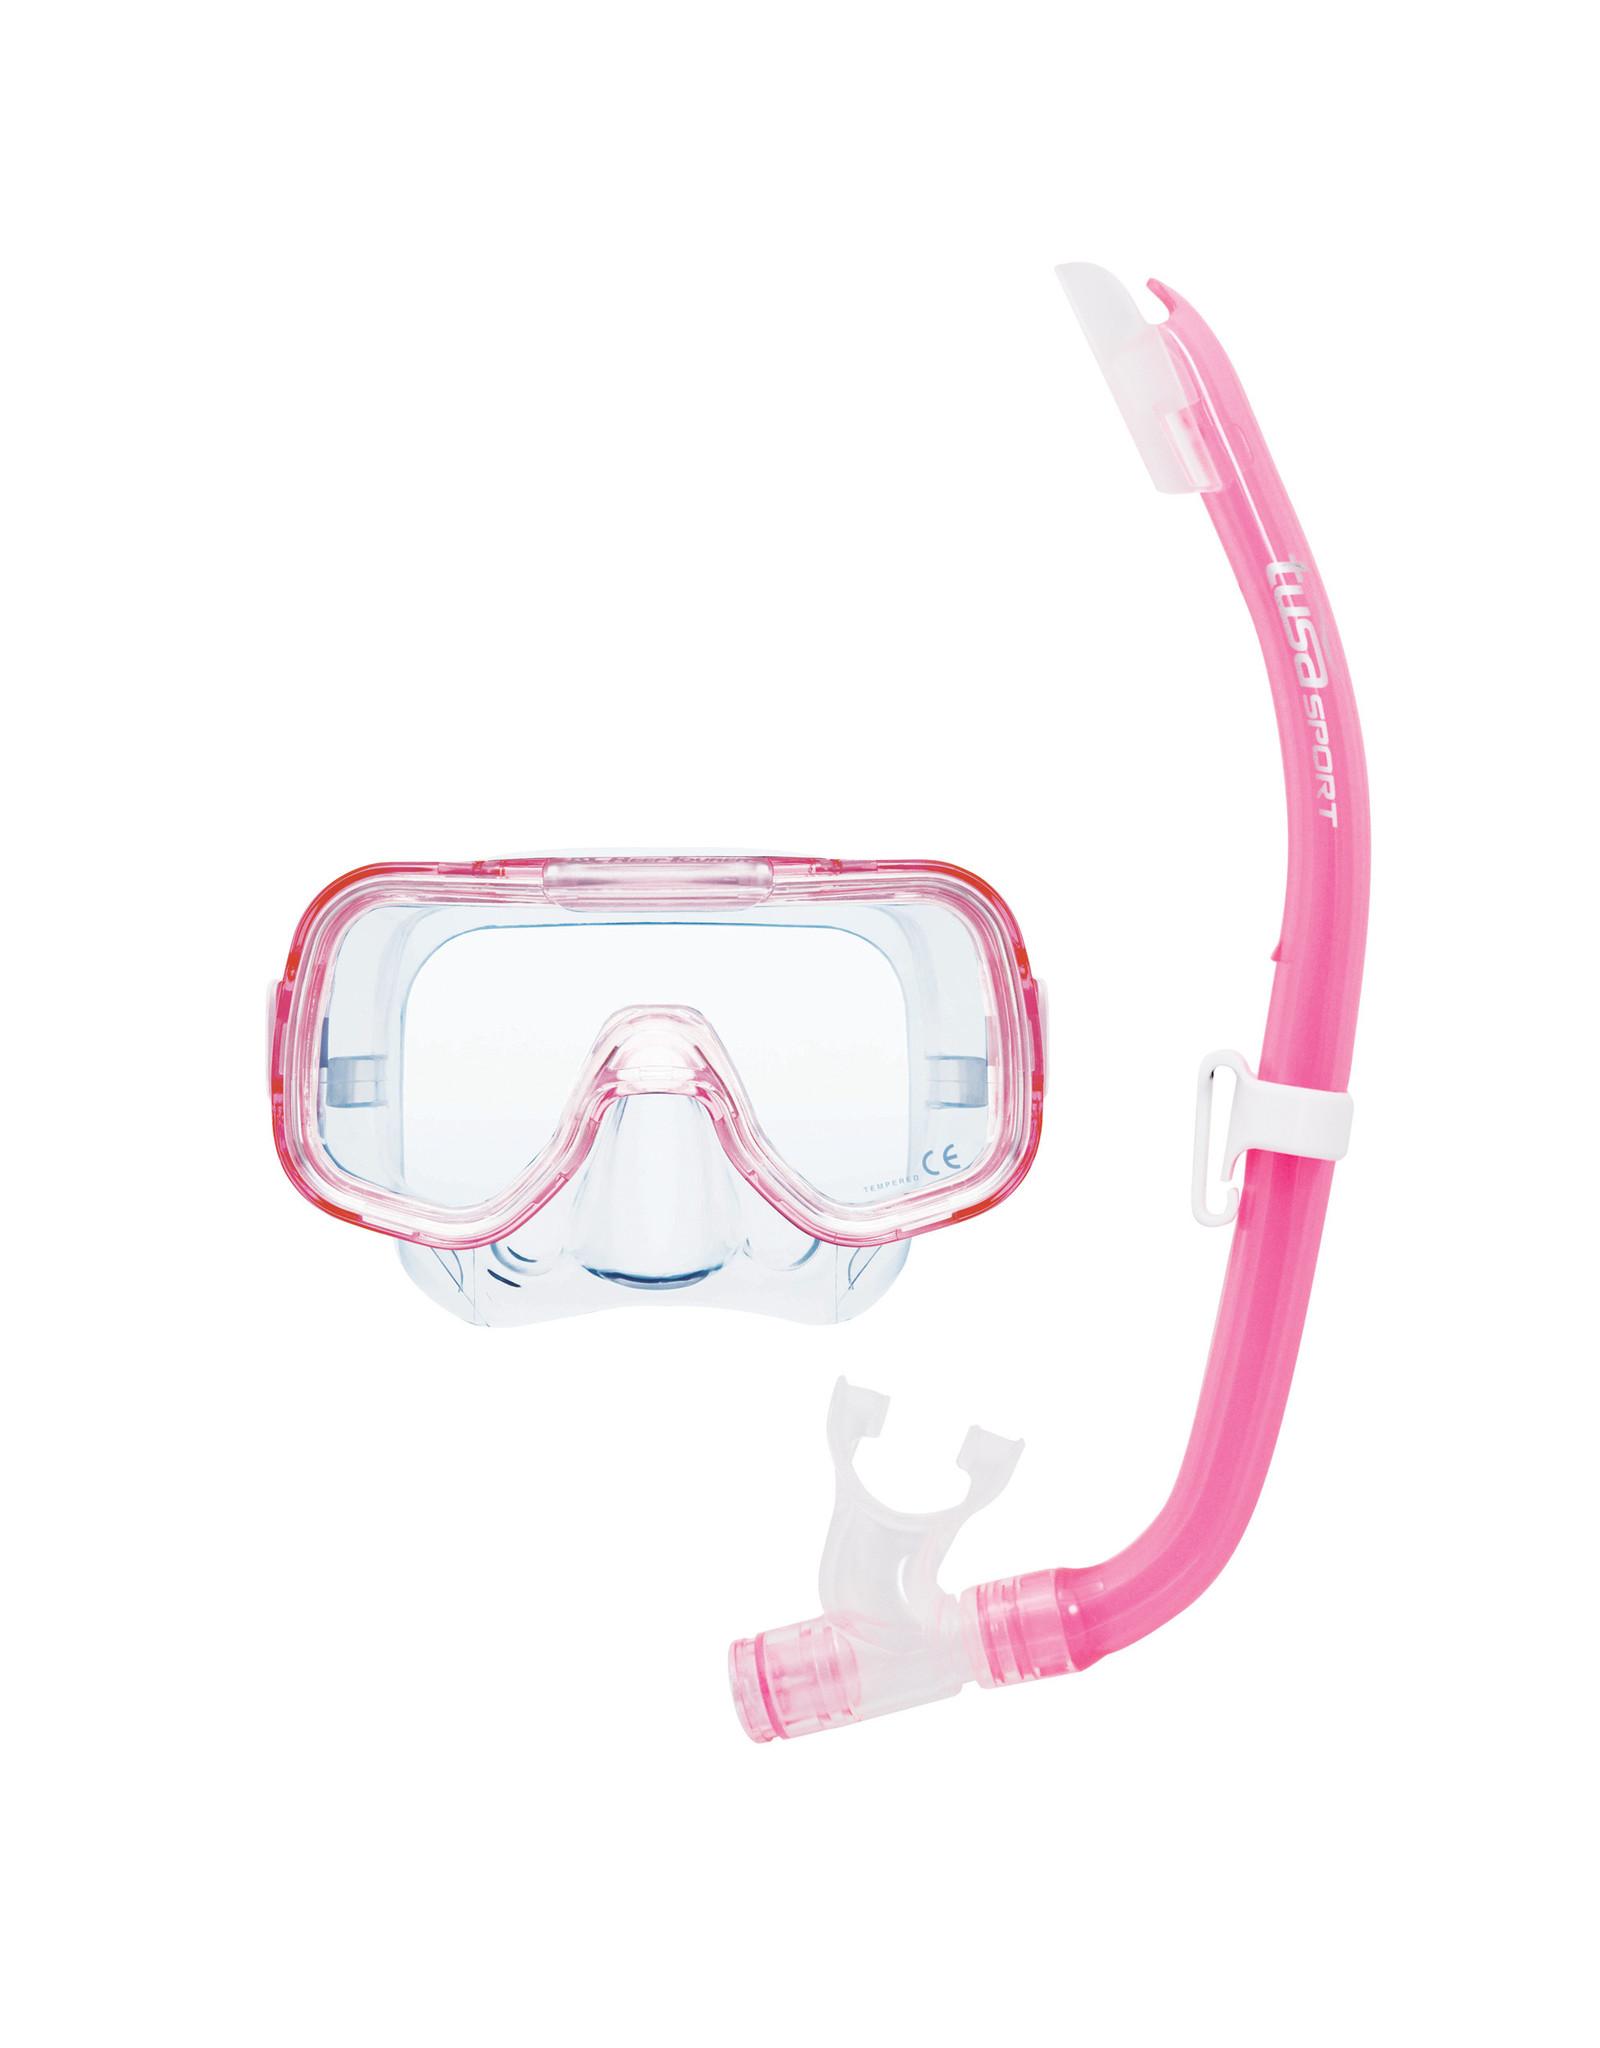 TUSA TUSA Mini-Kleio Youth Combo - Clear Pink